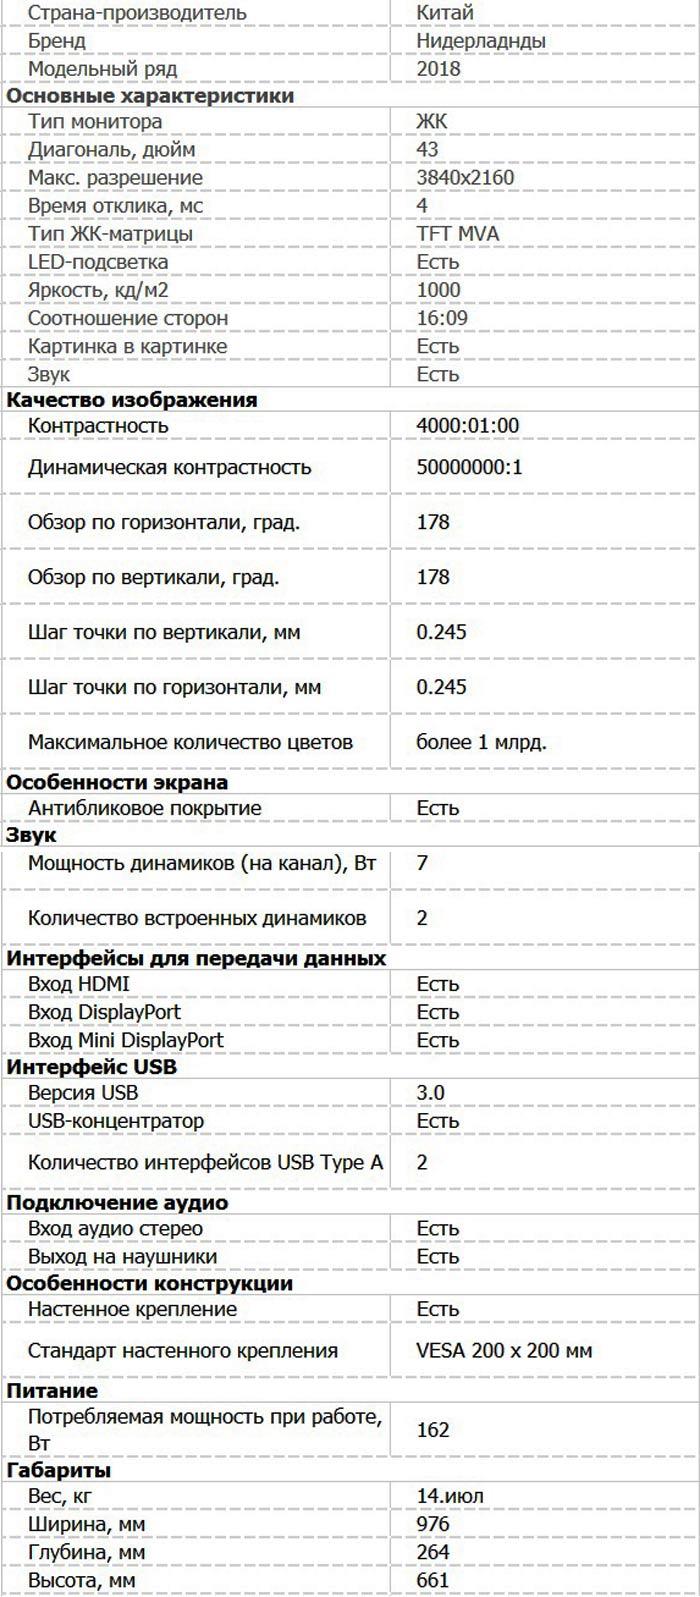 Характеристики 436M6VBPAB